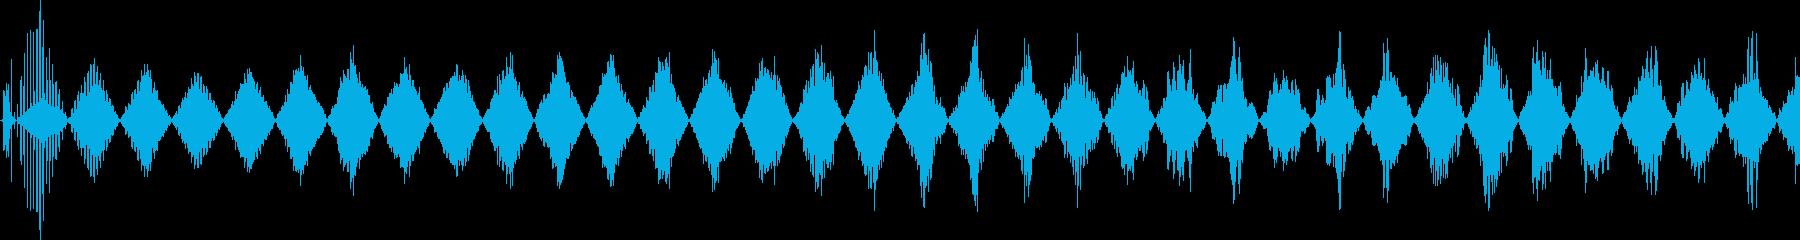 高トリリングパワーアップの再生済みの波形